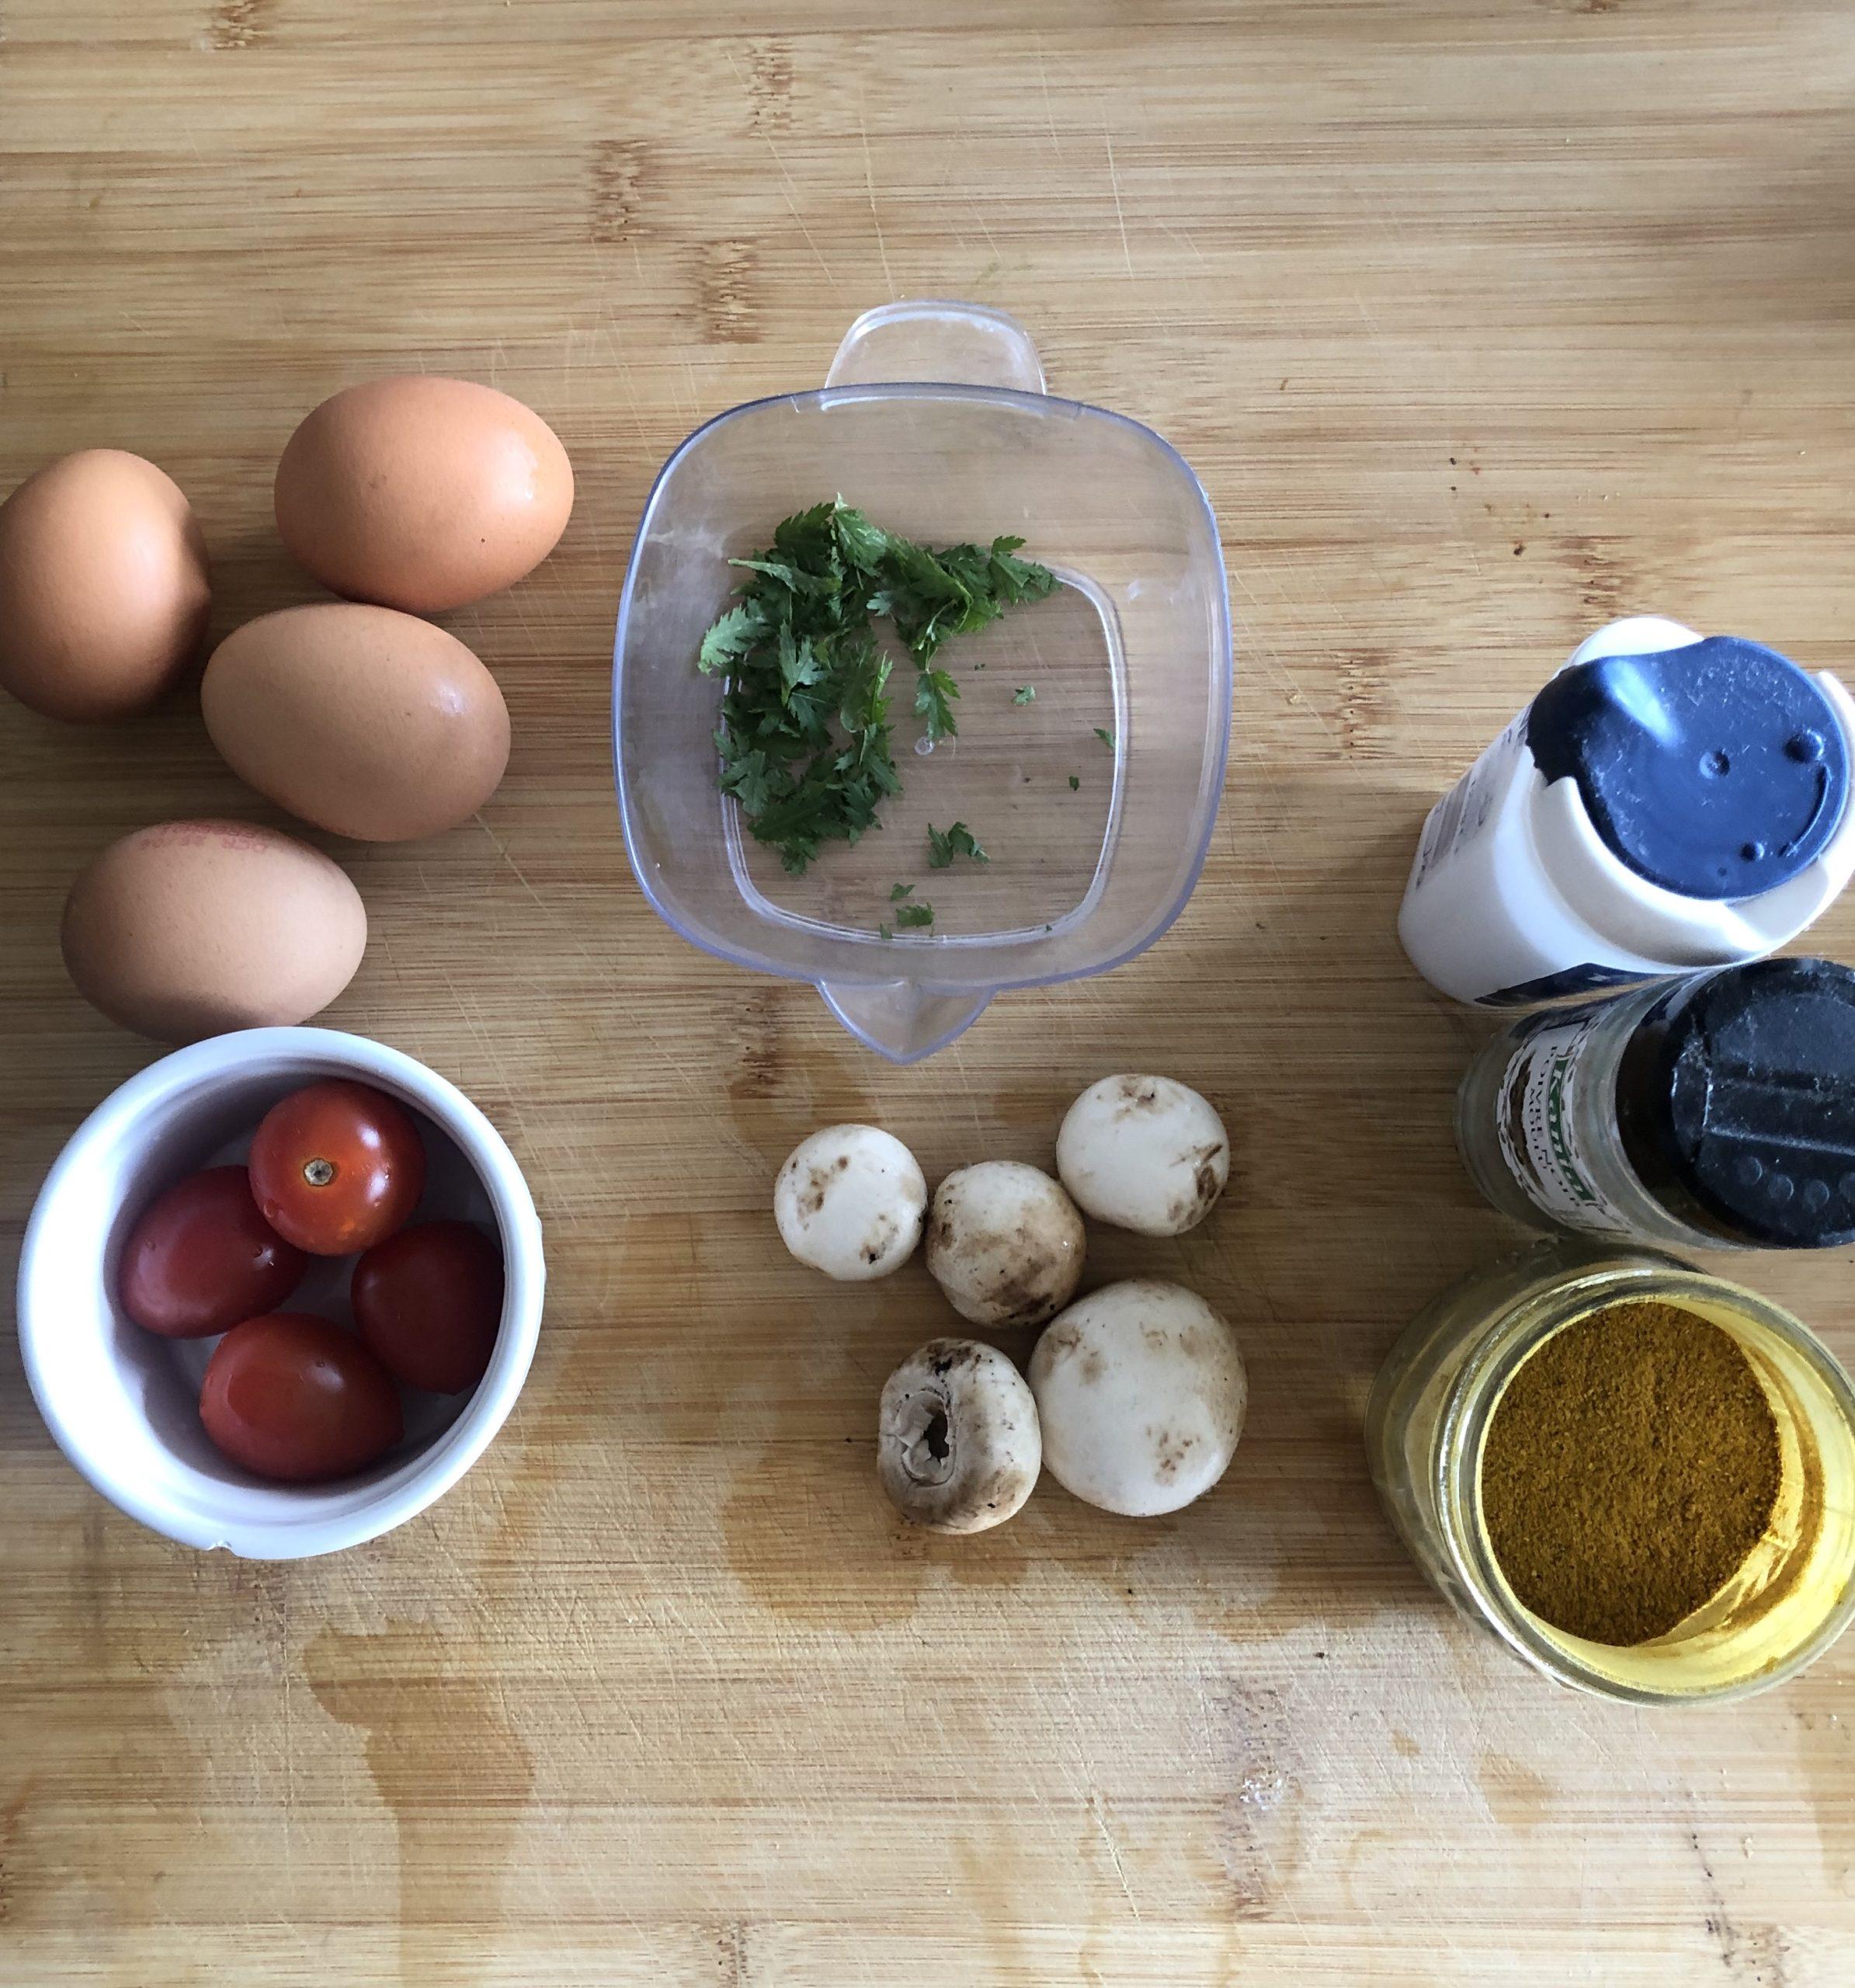 ingrédients, recette de cuisine tanaisie, la pousse verte